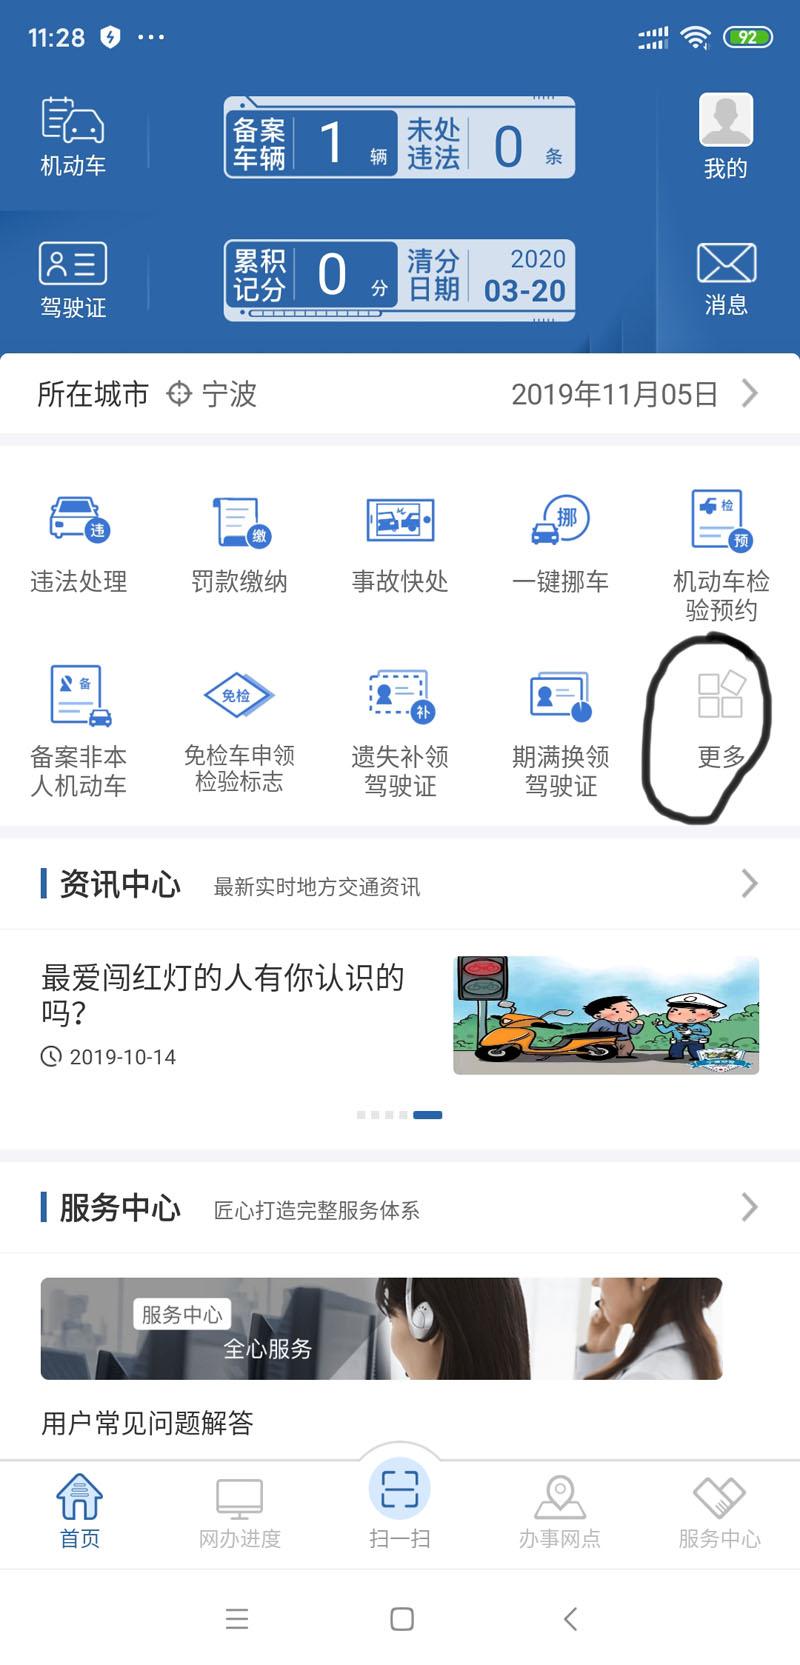 Screenshot_2019-11-05-11-28-07-658_com.tmri.app.main.jpg